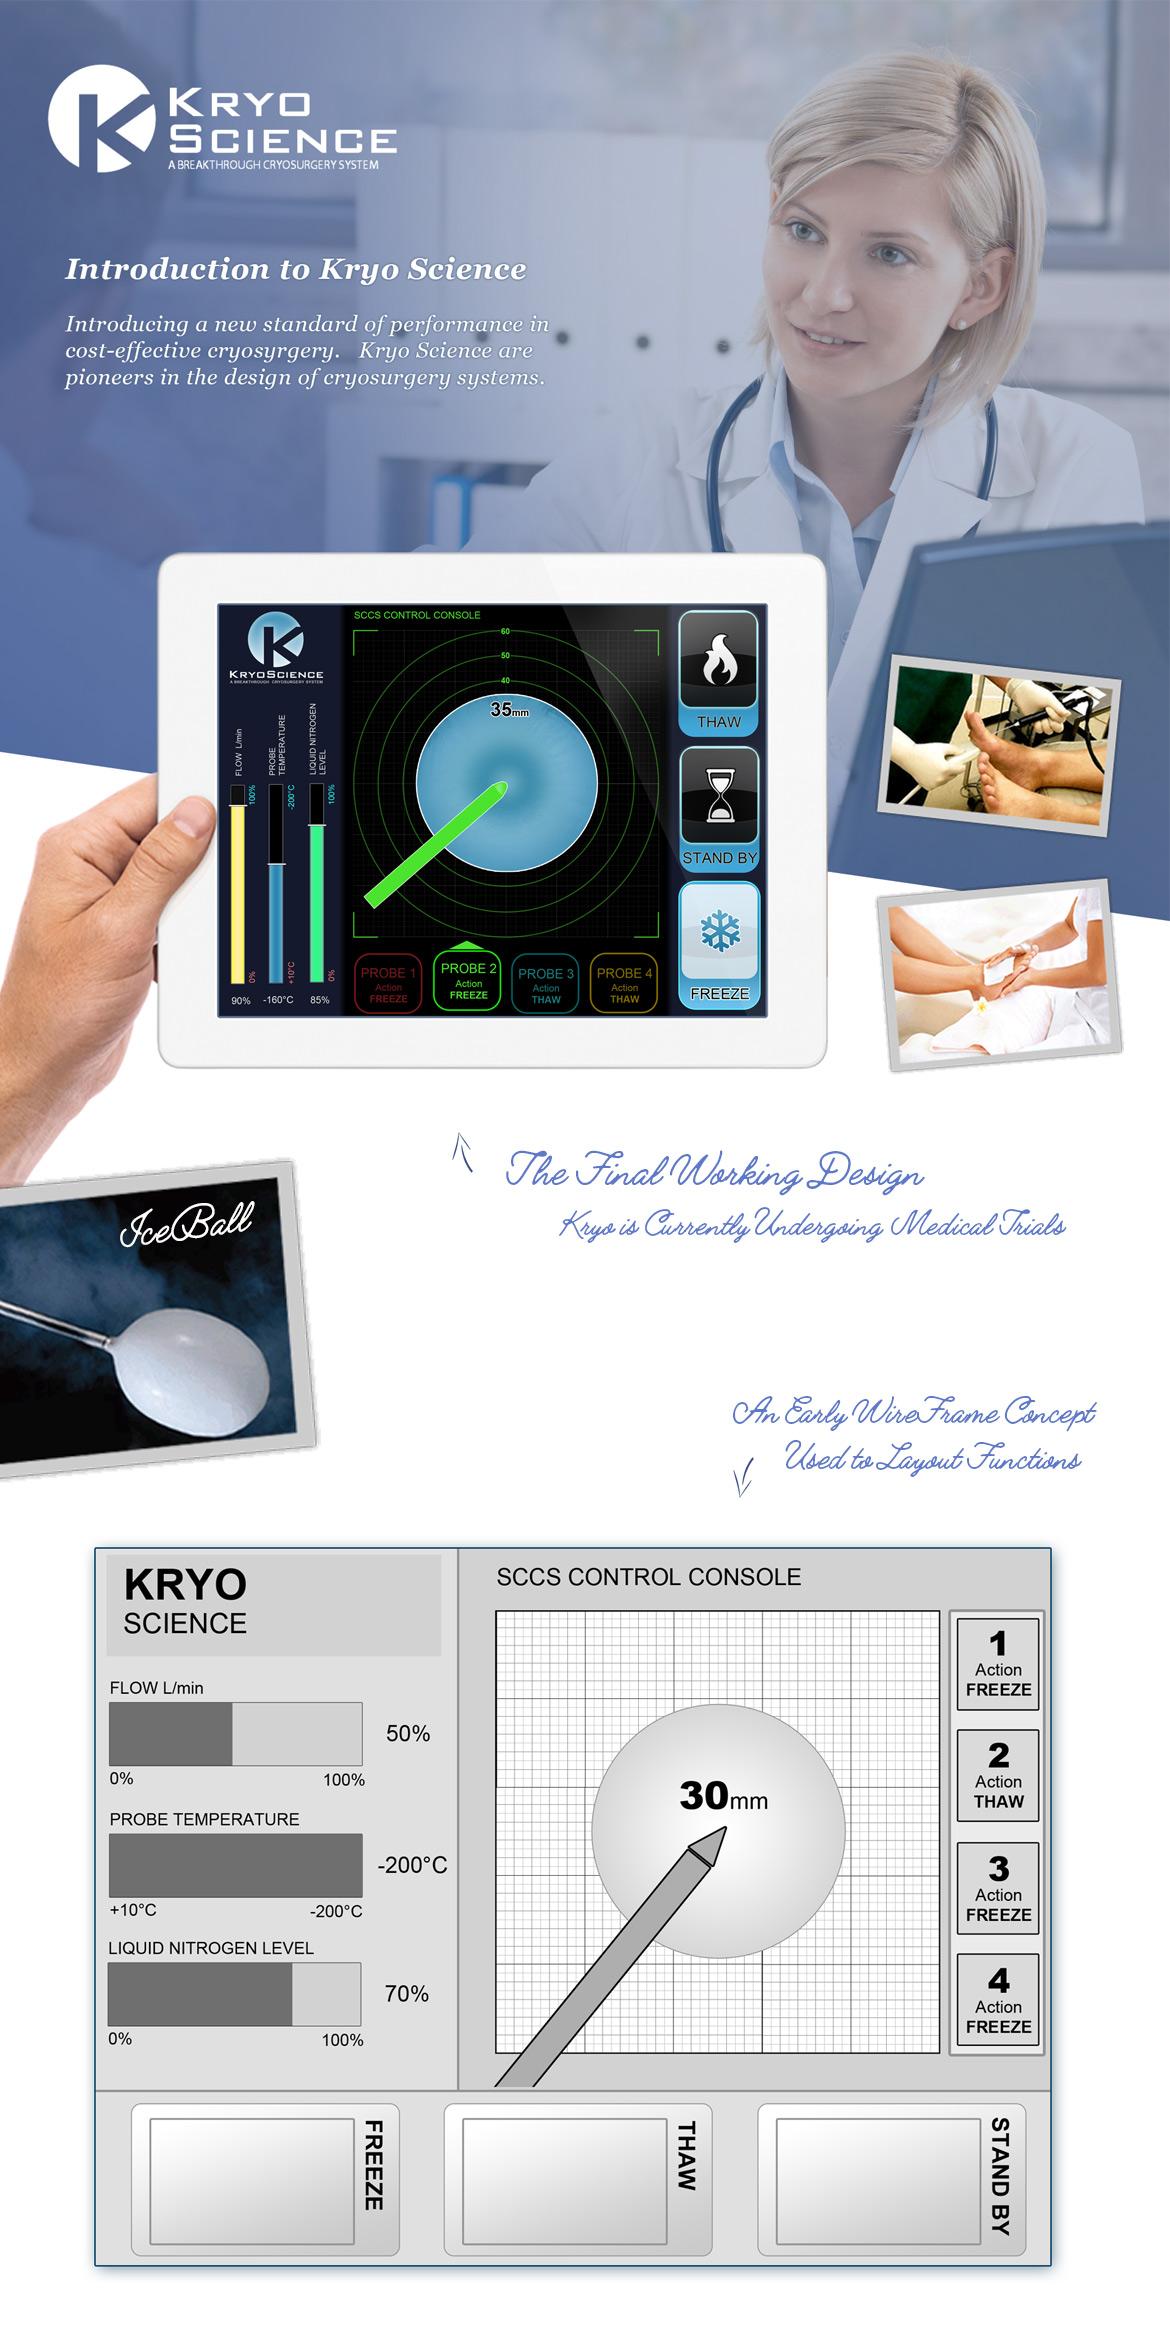 Kryo designs